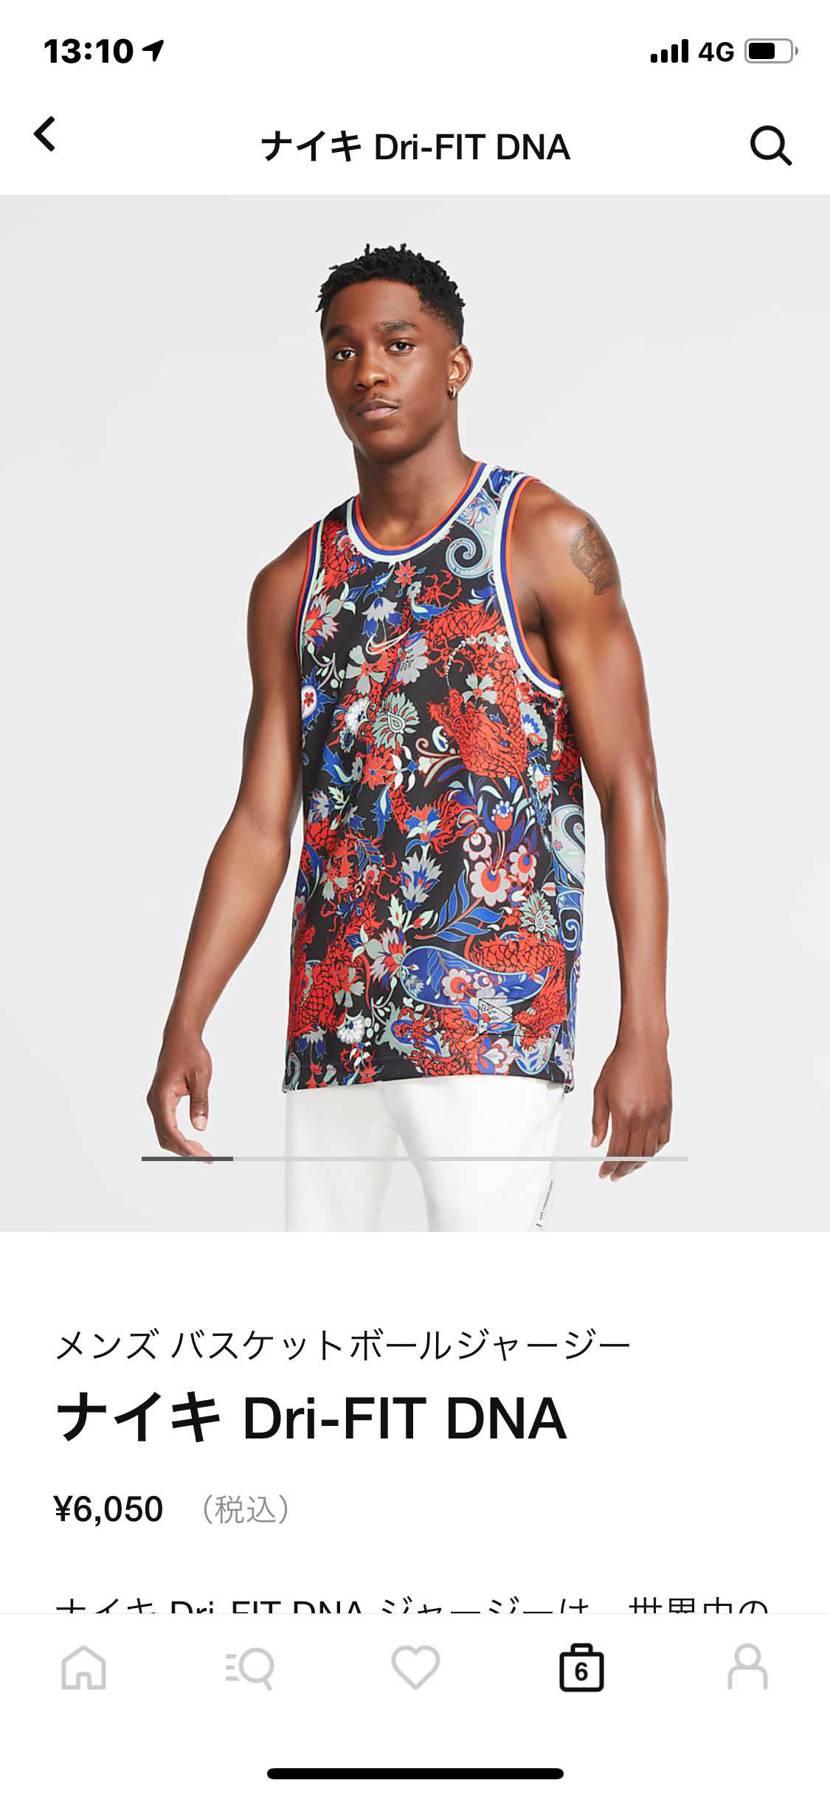 セールのこのシャツ買って合わせたいけど、 スニーカー買えなかった時は辛いよなー